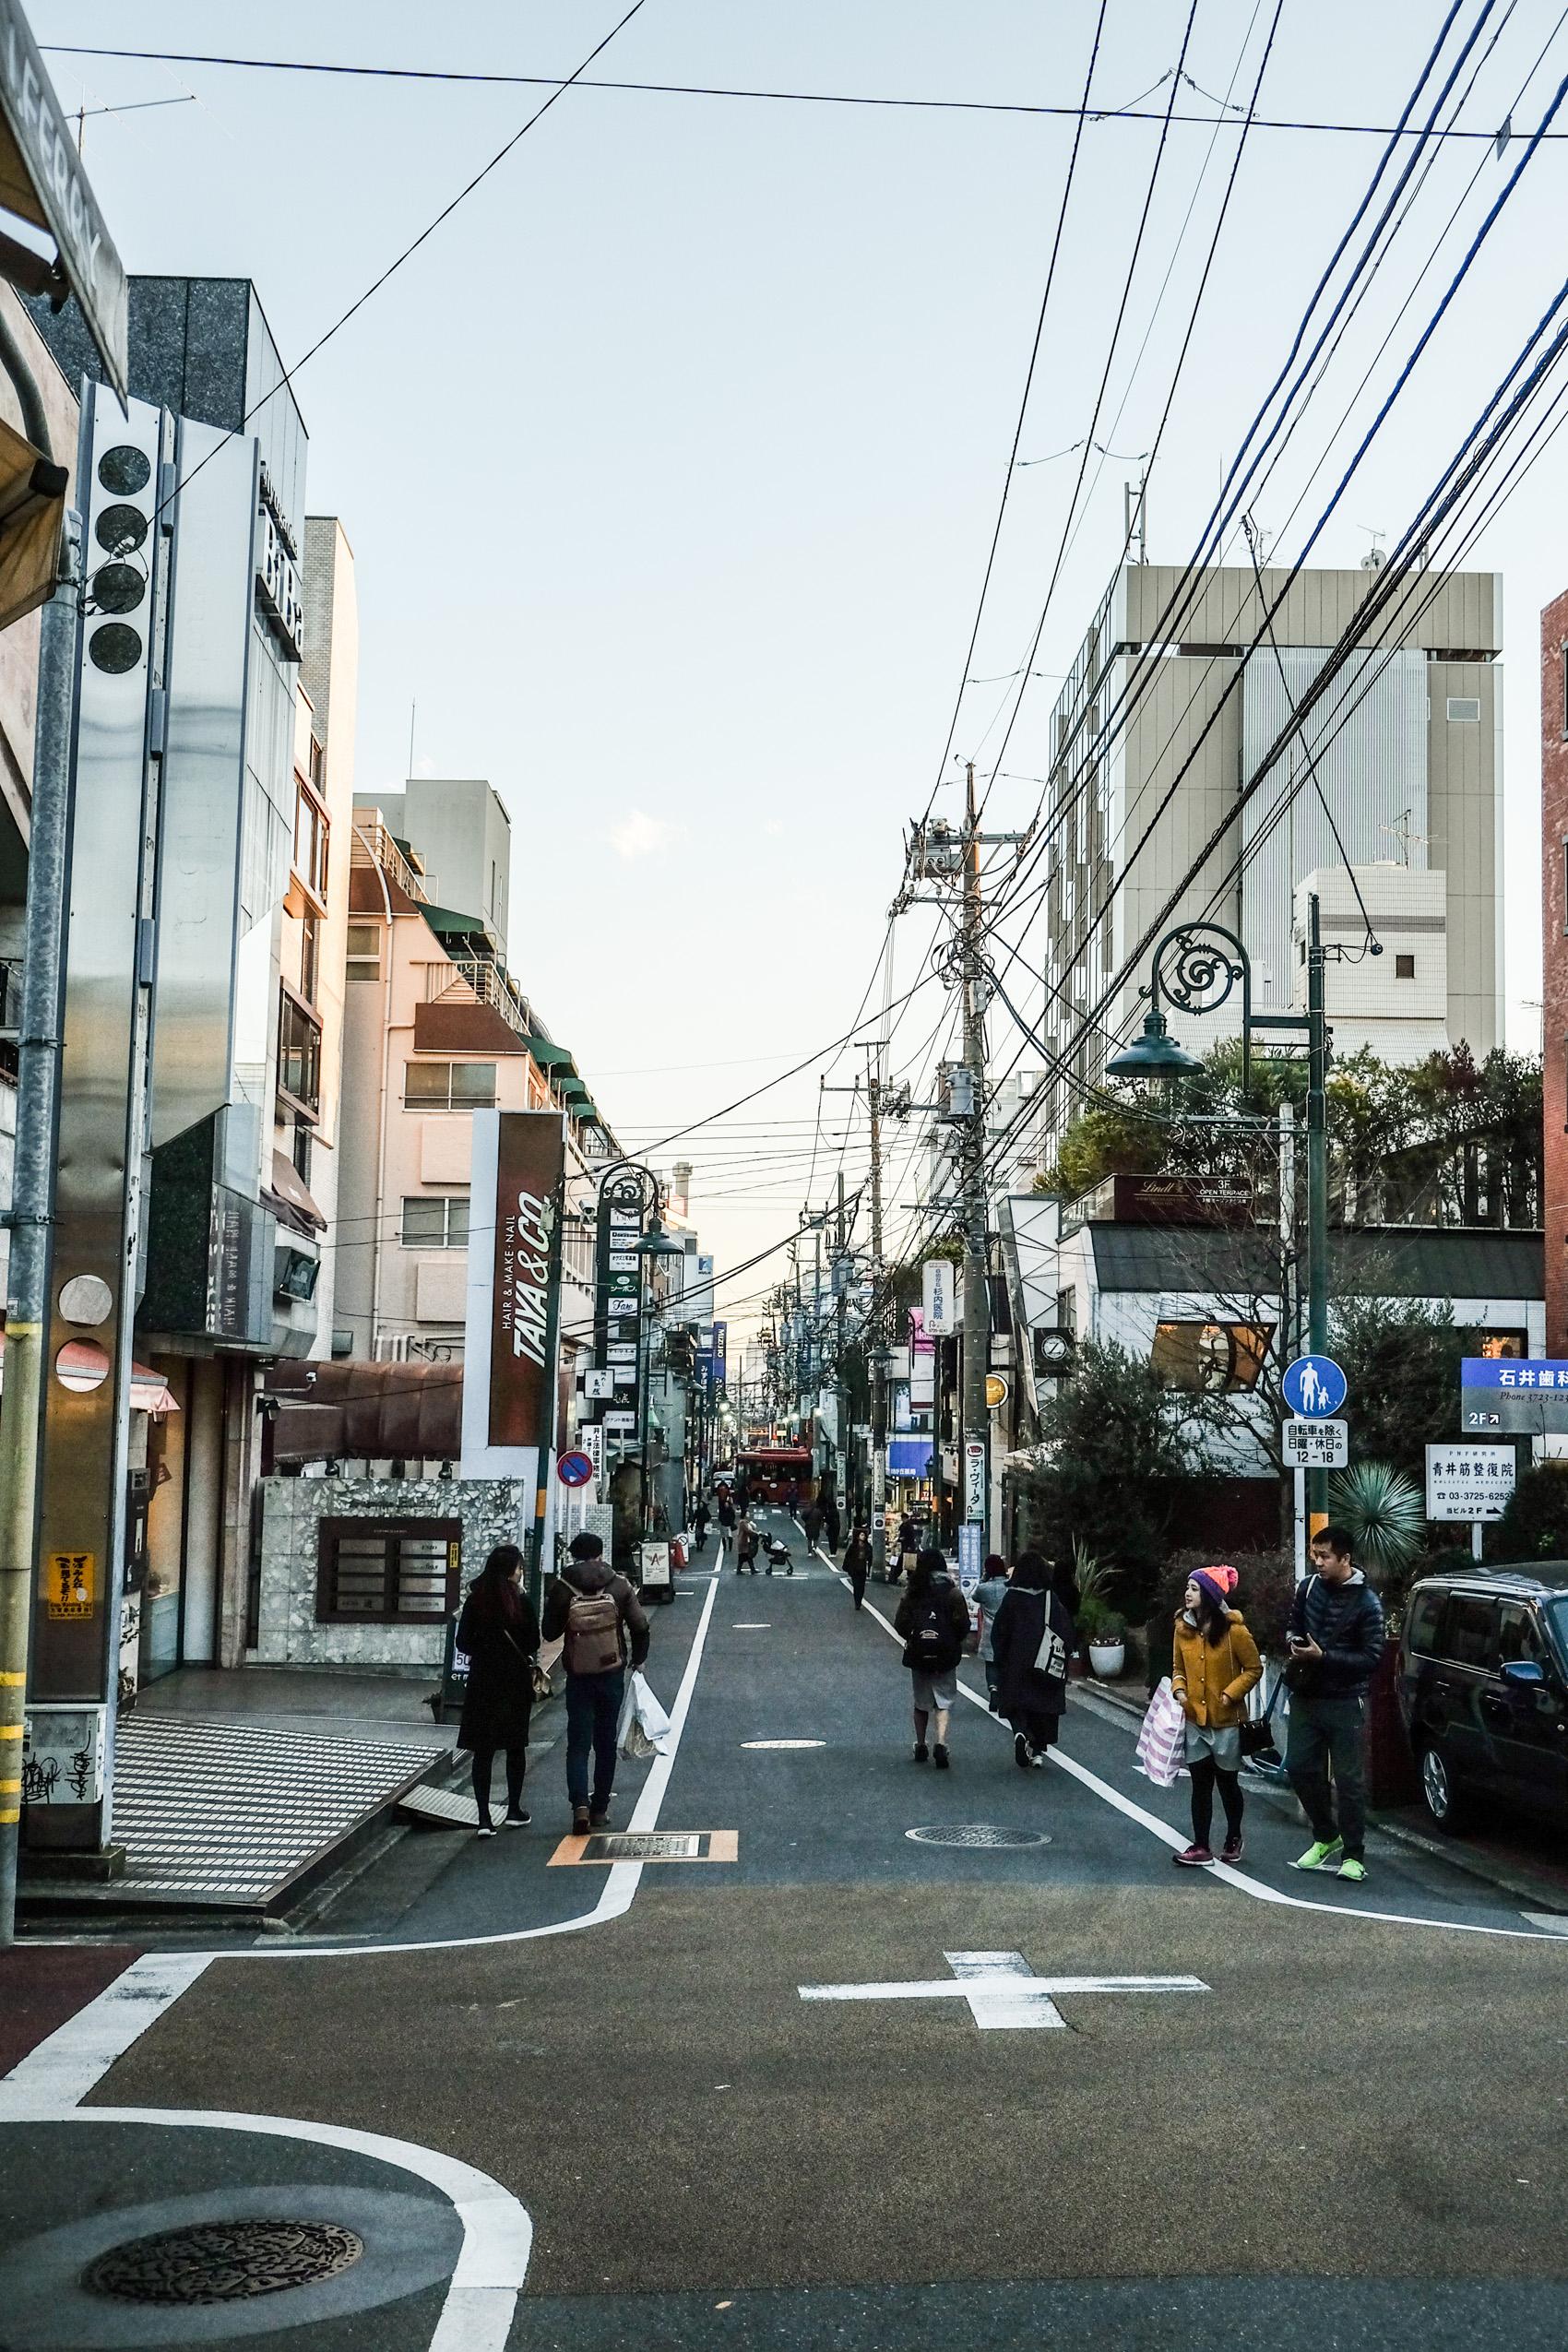 Tokyo (1 of 1)